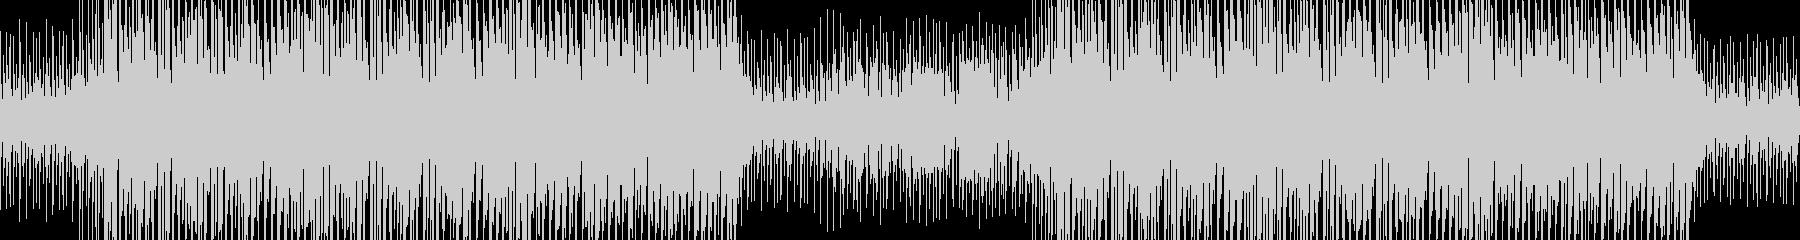 トランペットがかっこいいスウィングジャズの未再生の波形